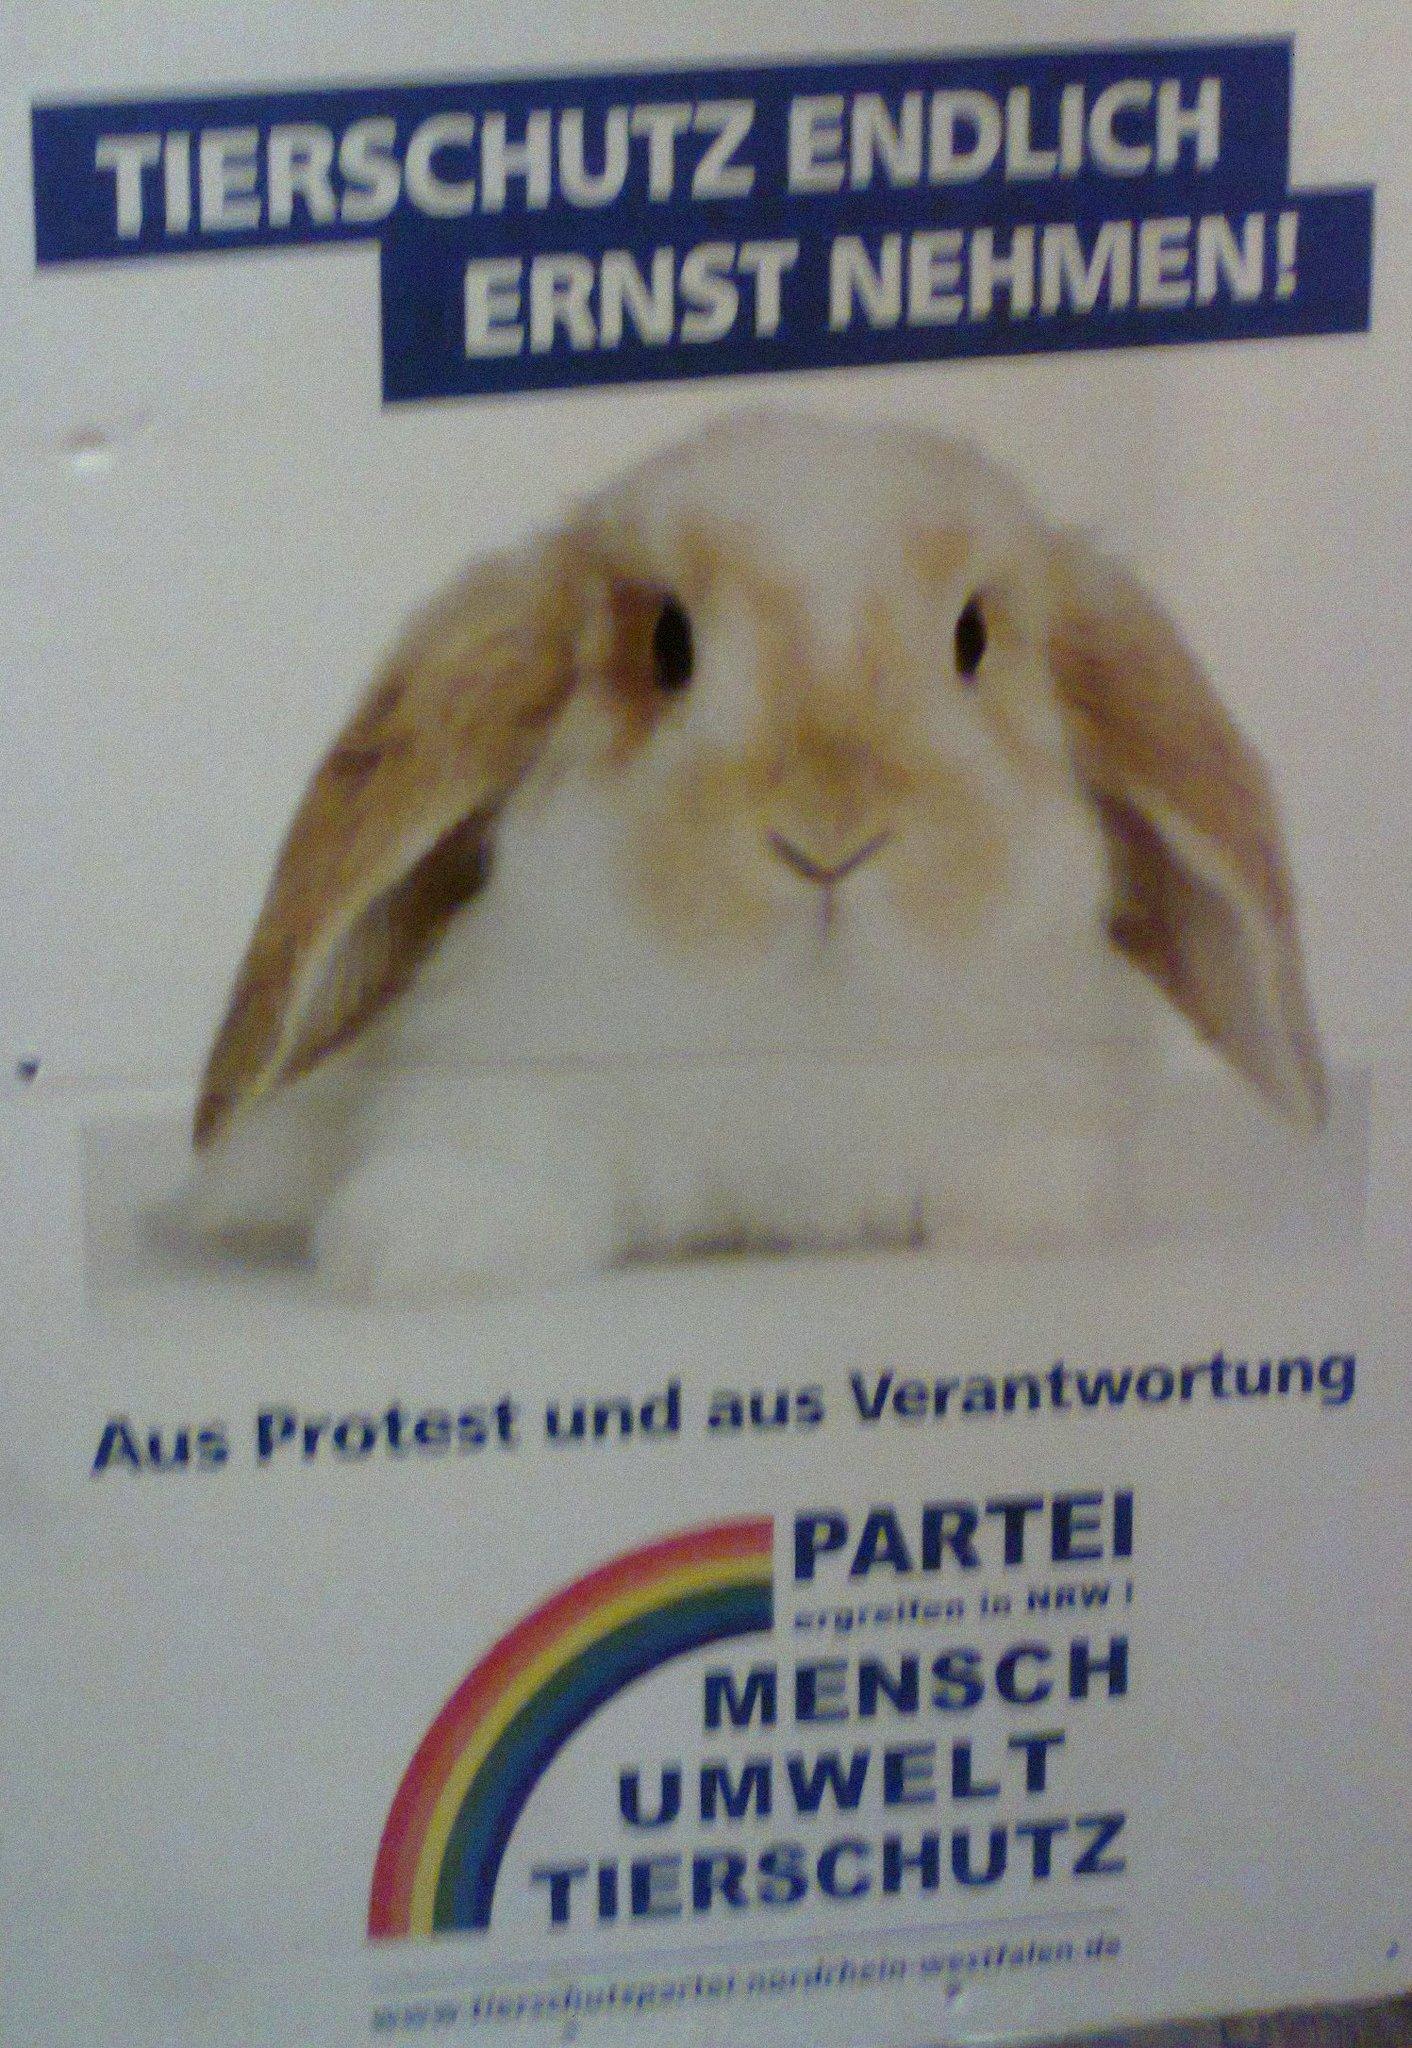 Tierschutz Partei